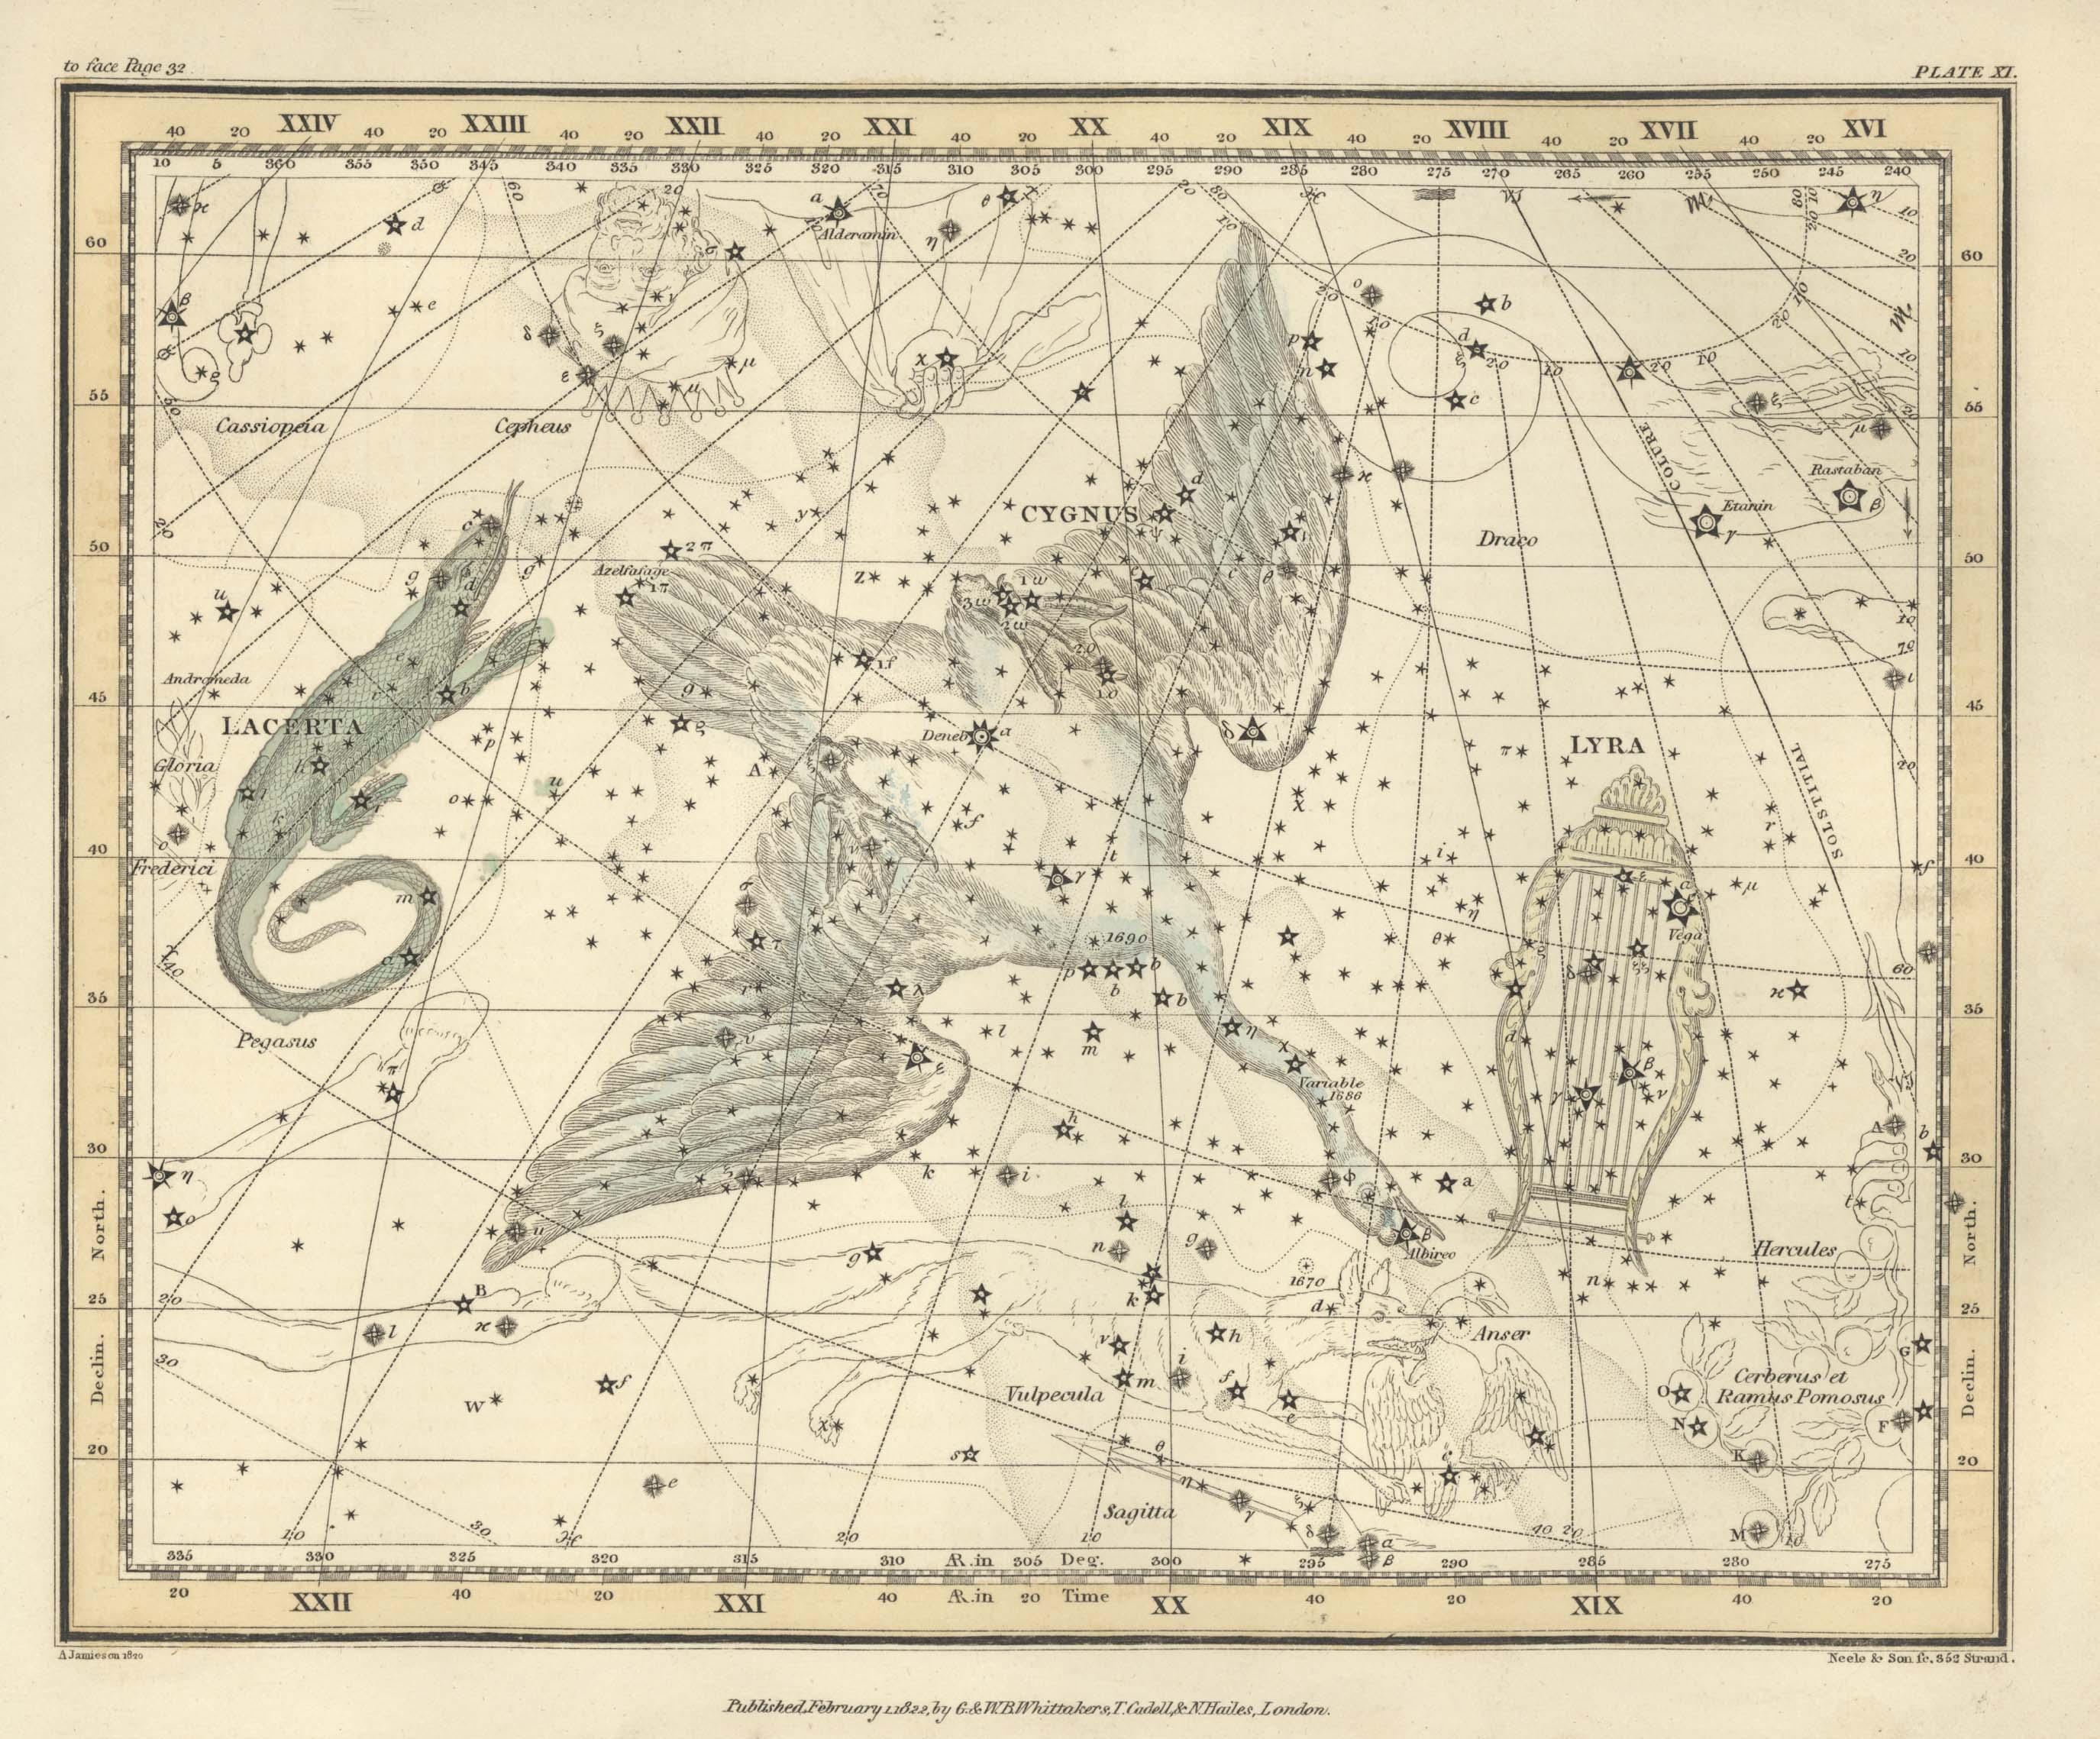 Ian Ridpath Alexander Jamieson S Celestial Atlas 1822